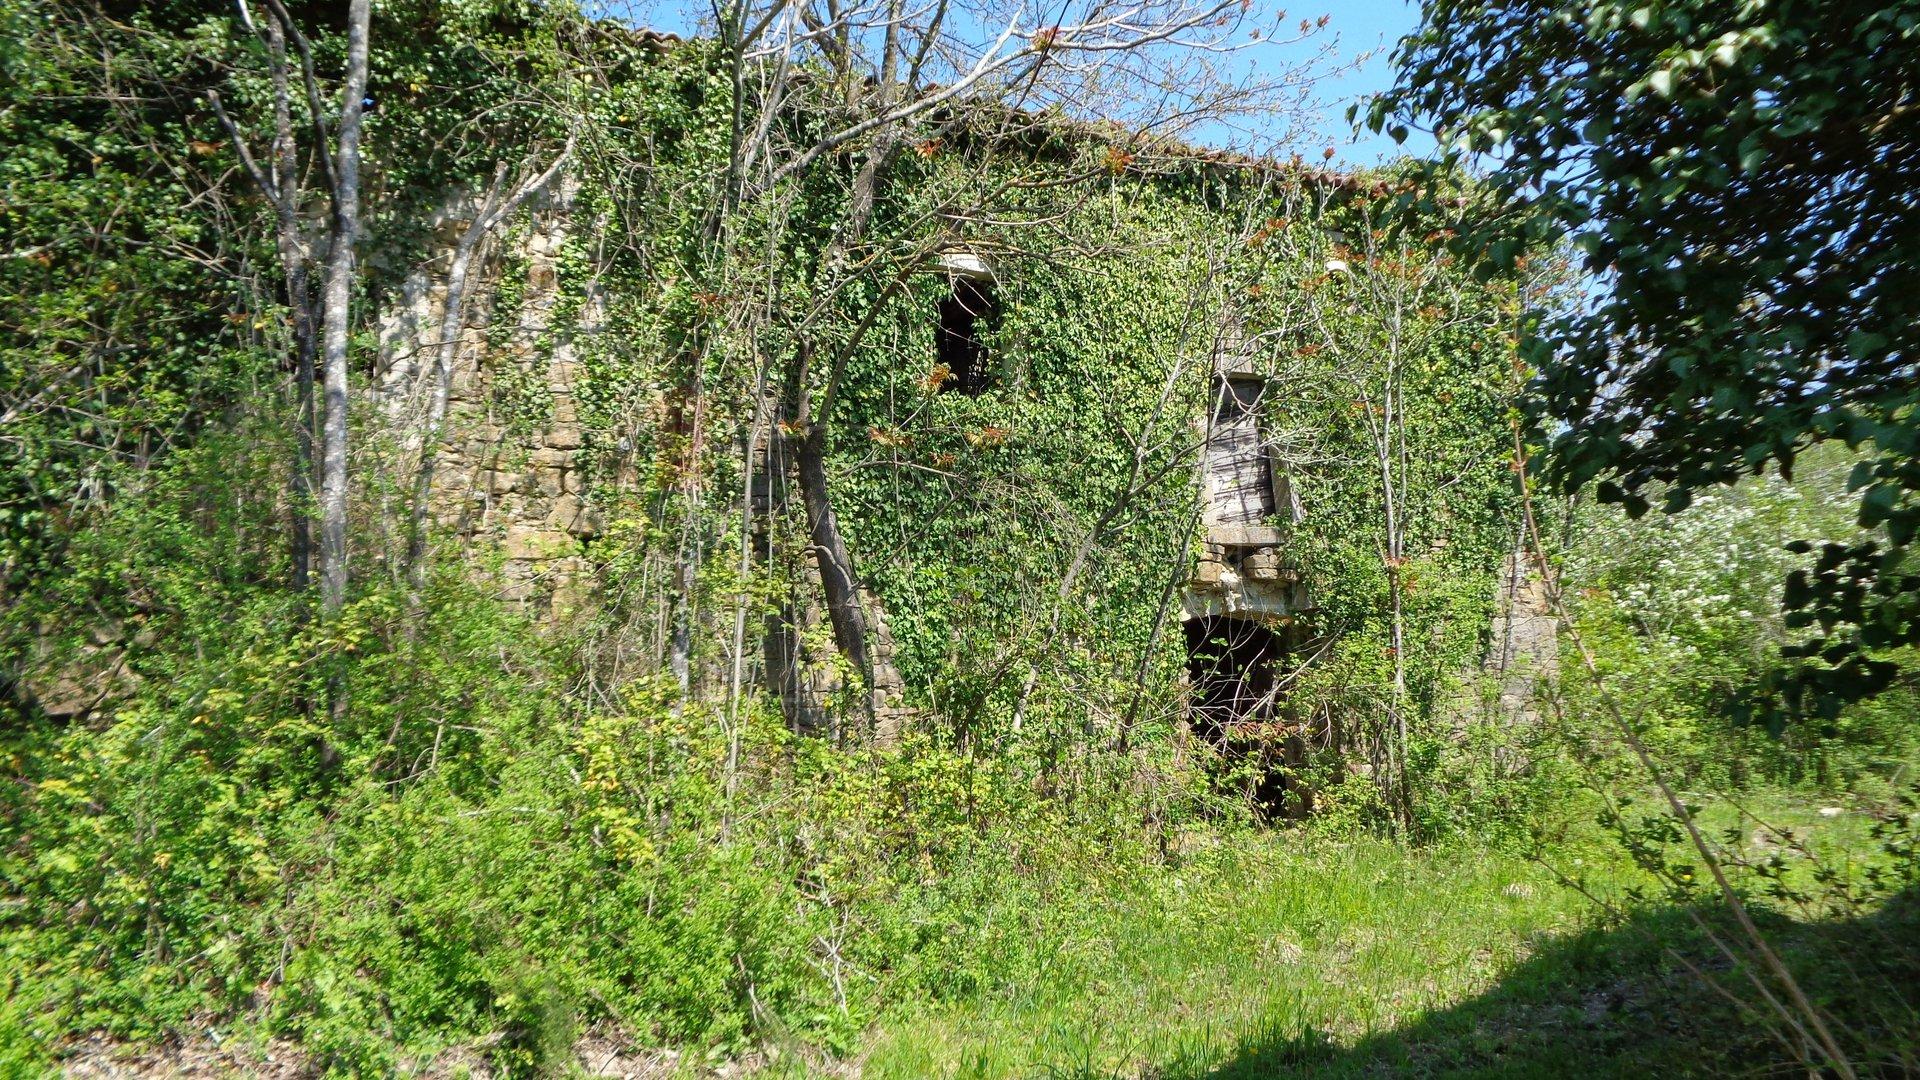 Pićan-okolica, ruševine, 4 kuće